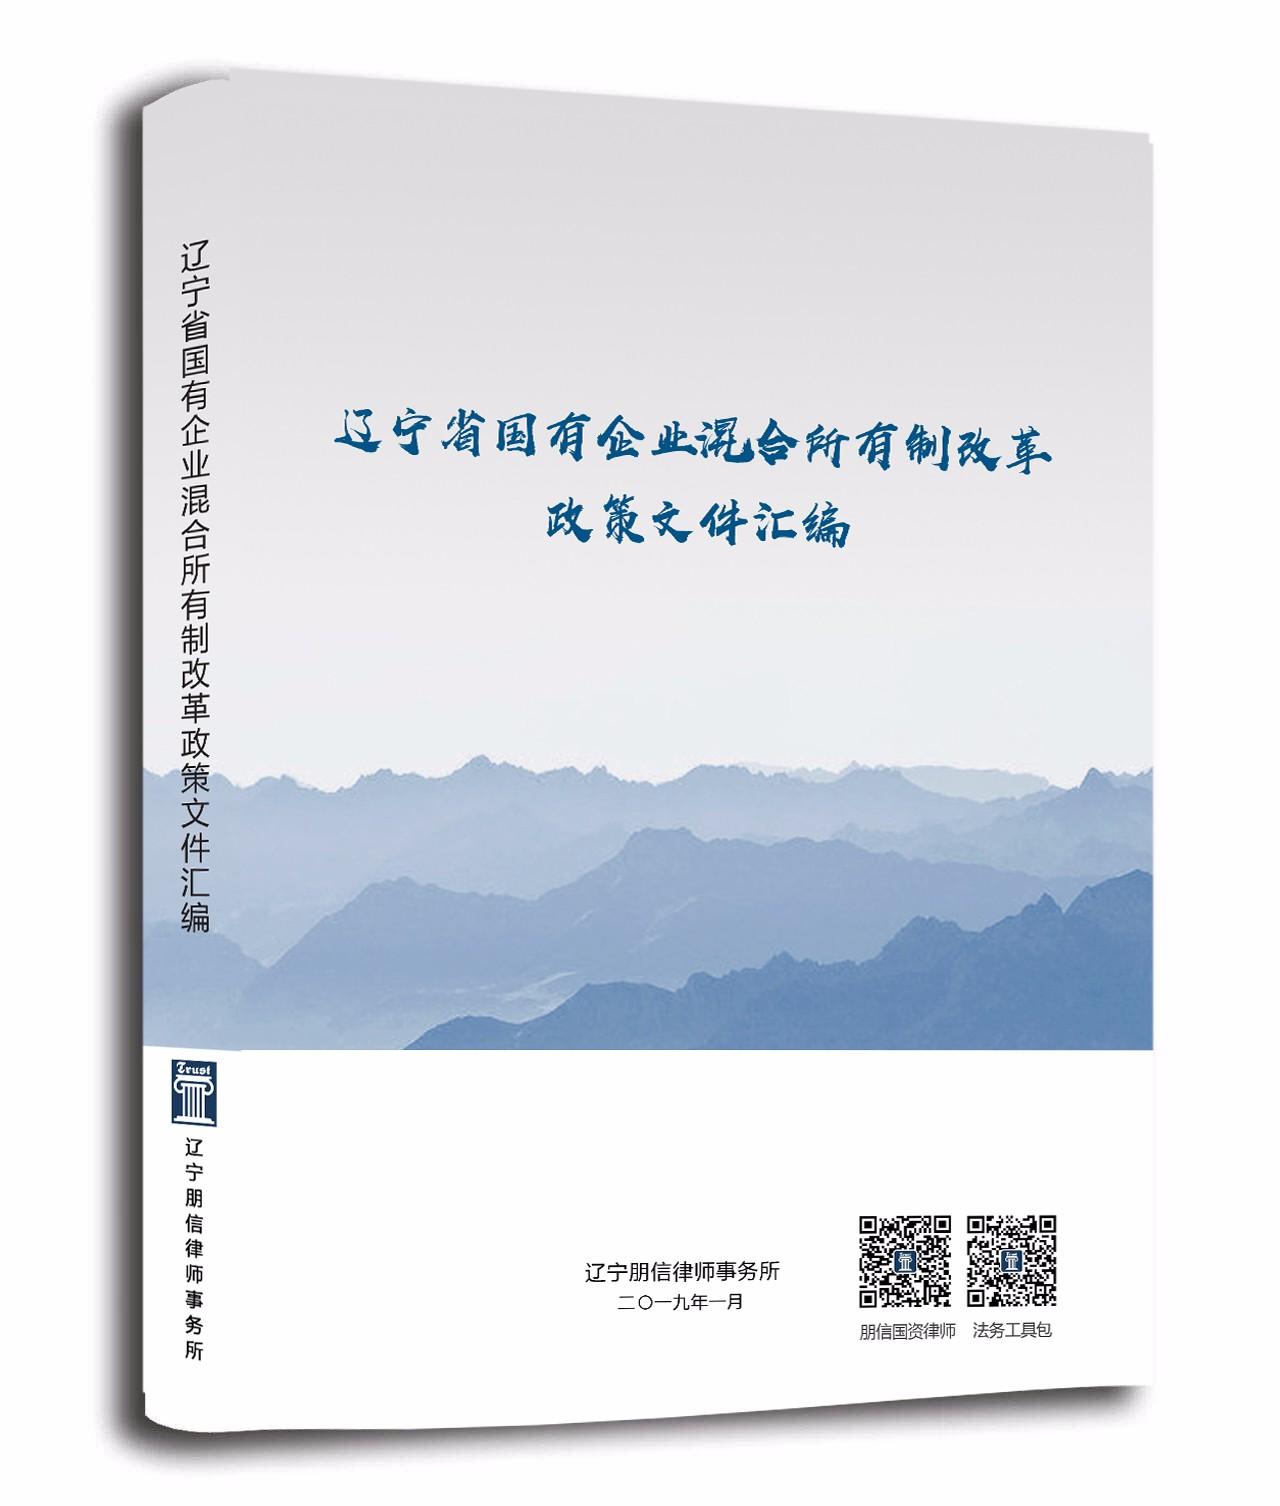 辽宁省国有企业混改所有制政策政策文件汇编